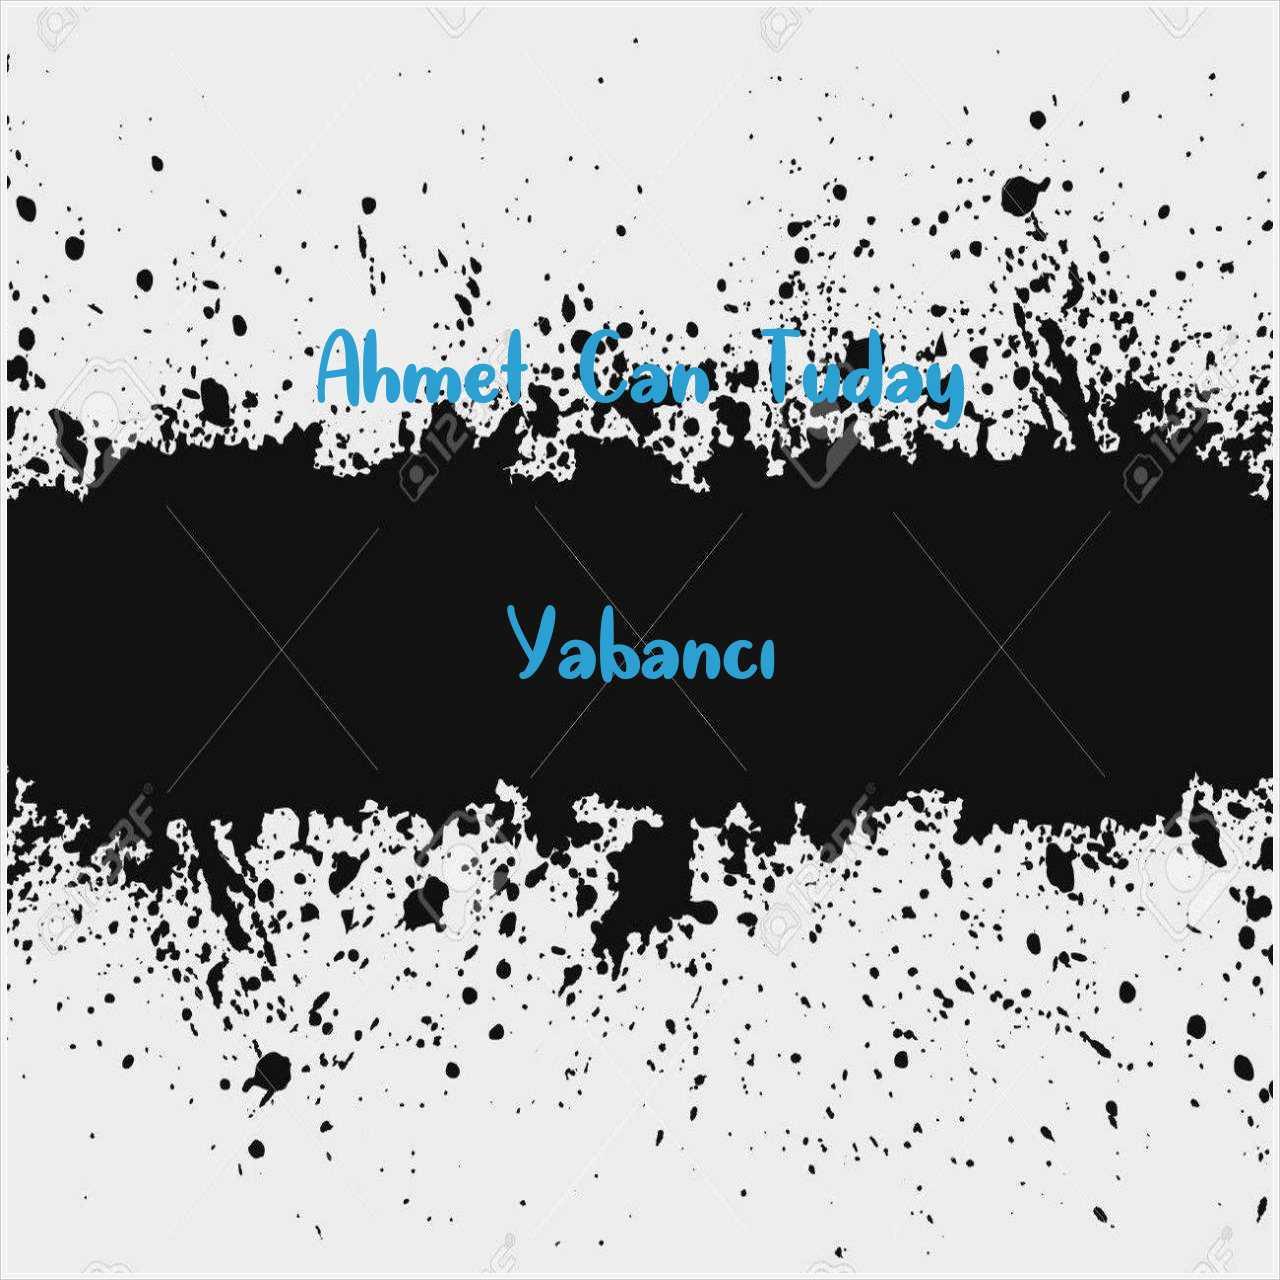 دانلود آهنگ جدید Ahmet Can Tuday به نام Yabancı